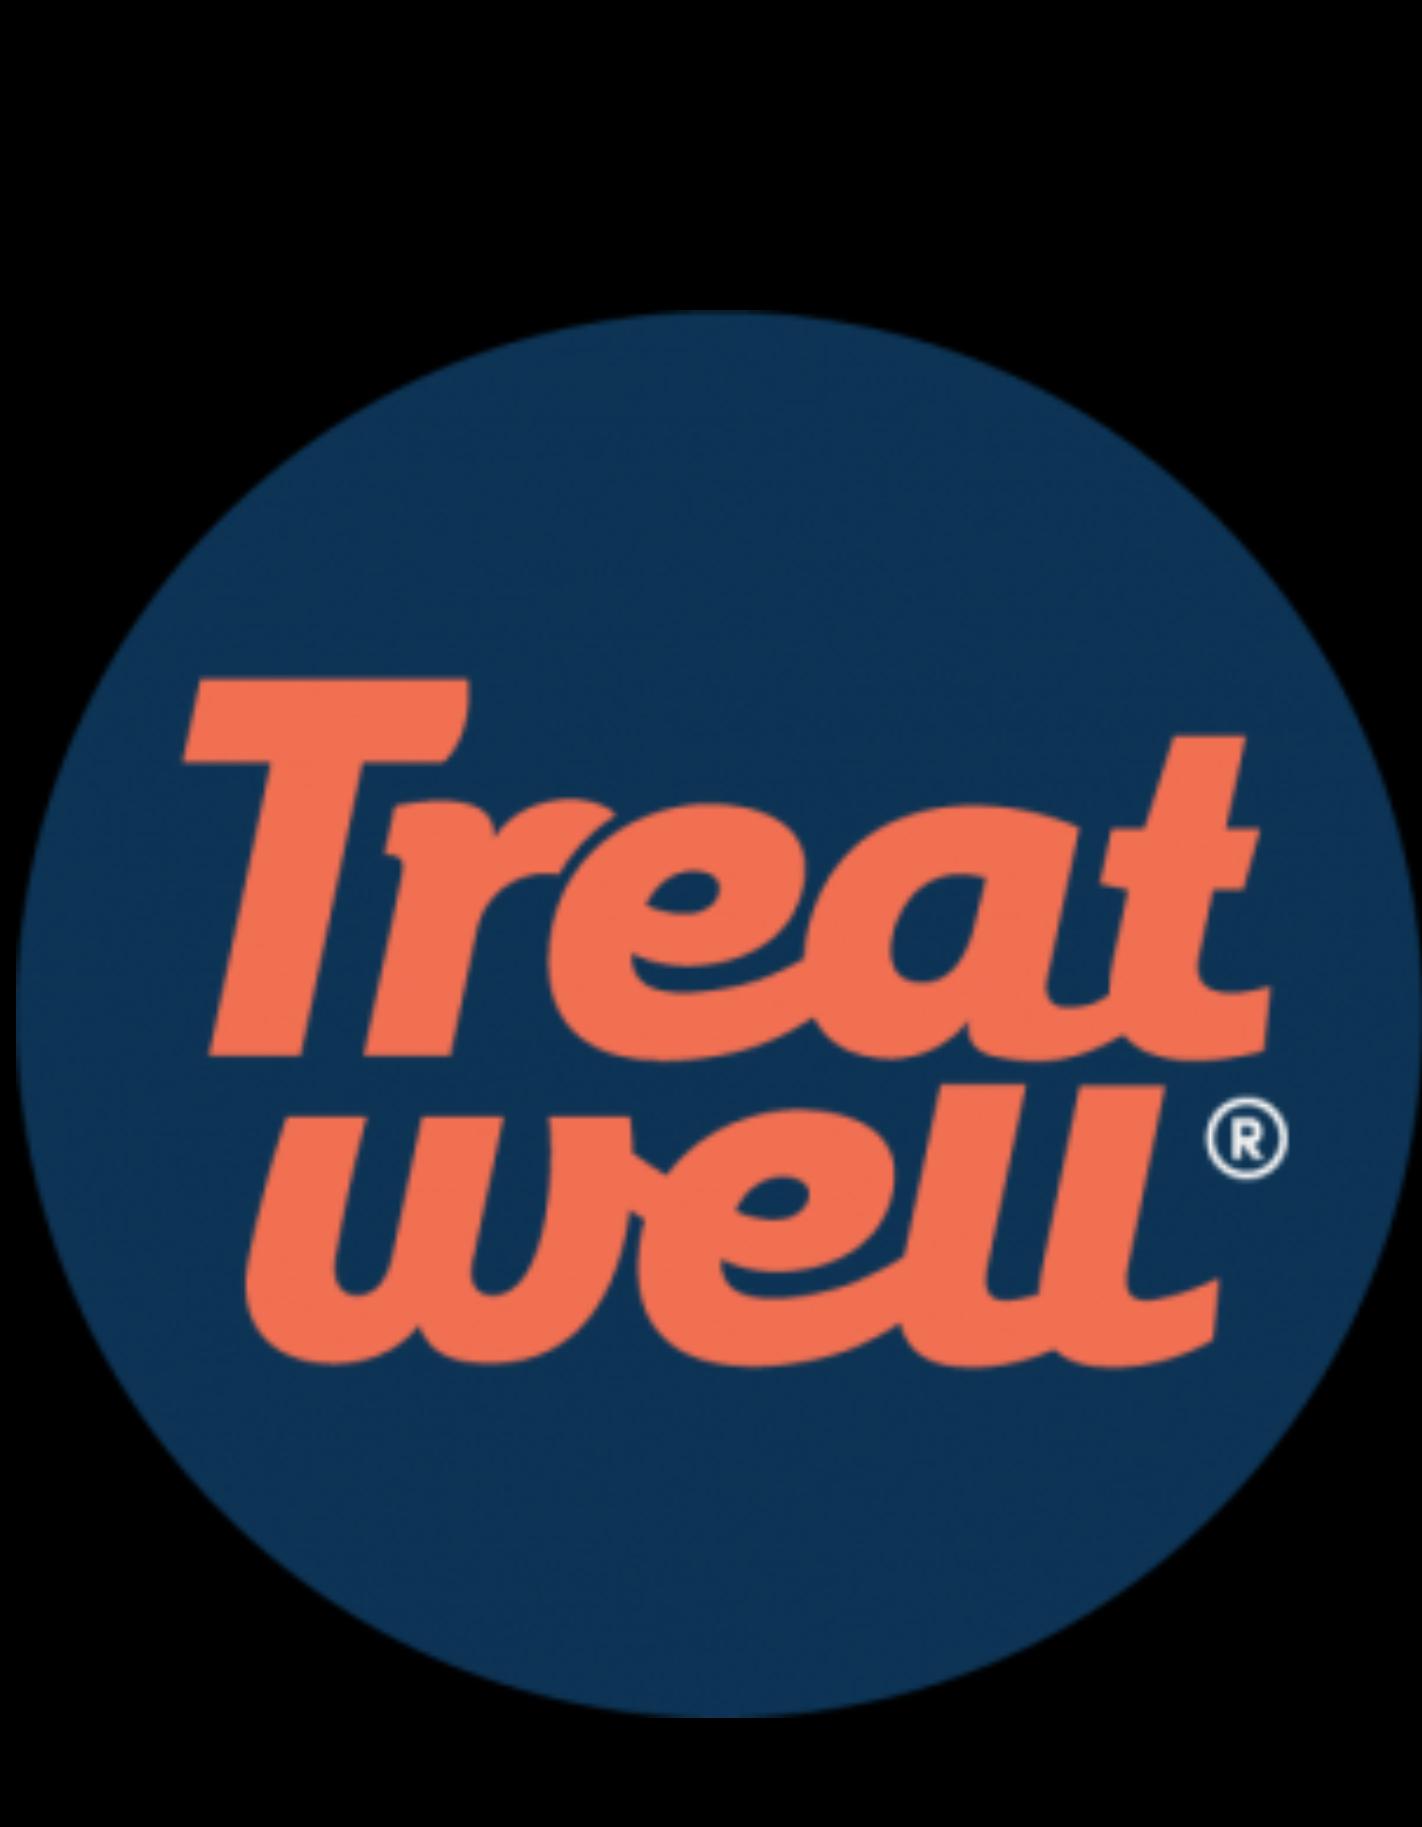 €5,00 korting bij treatwell. Alleen vandaag geldig op de treatwell app